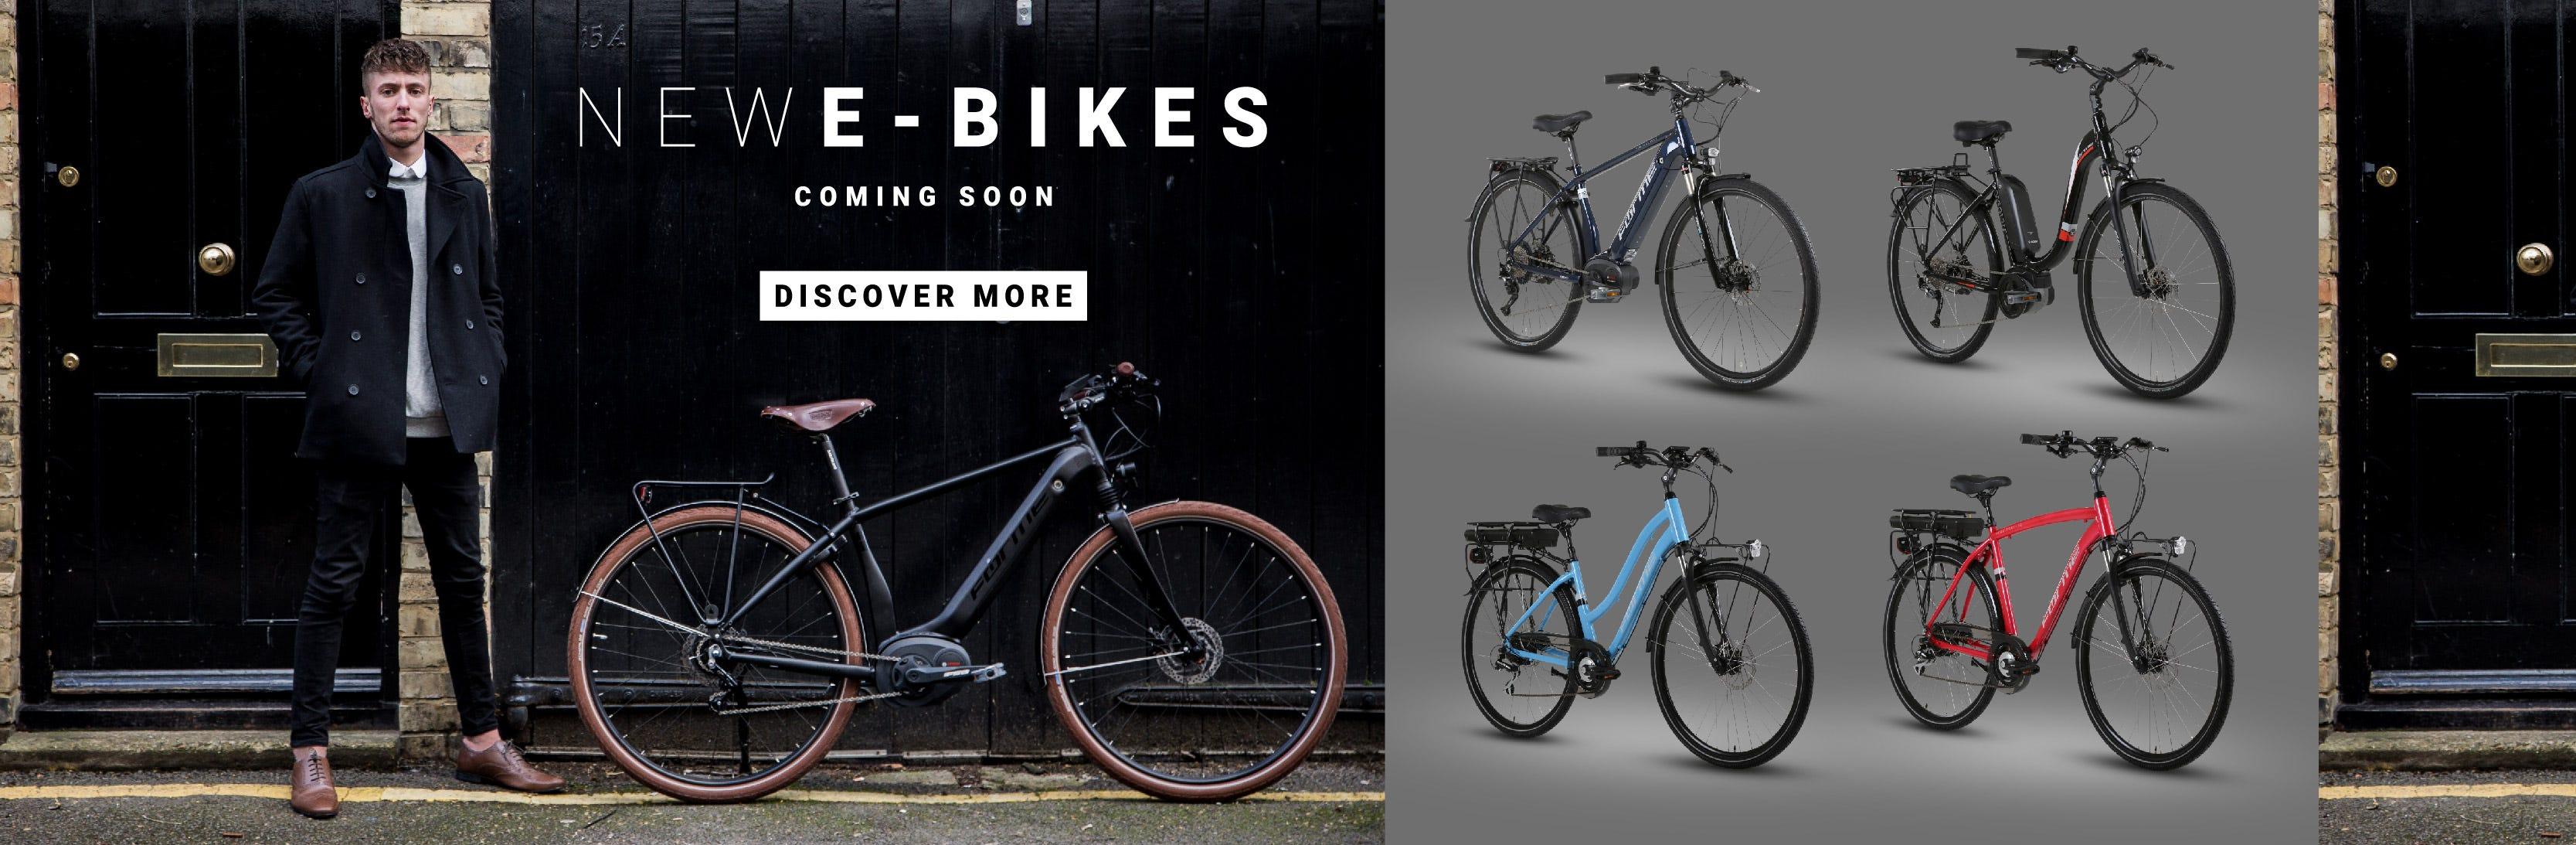 New E-Bikes